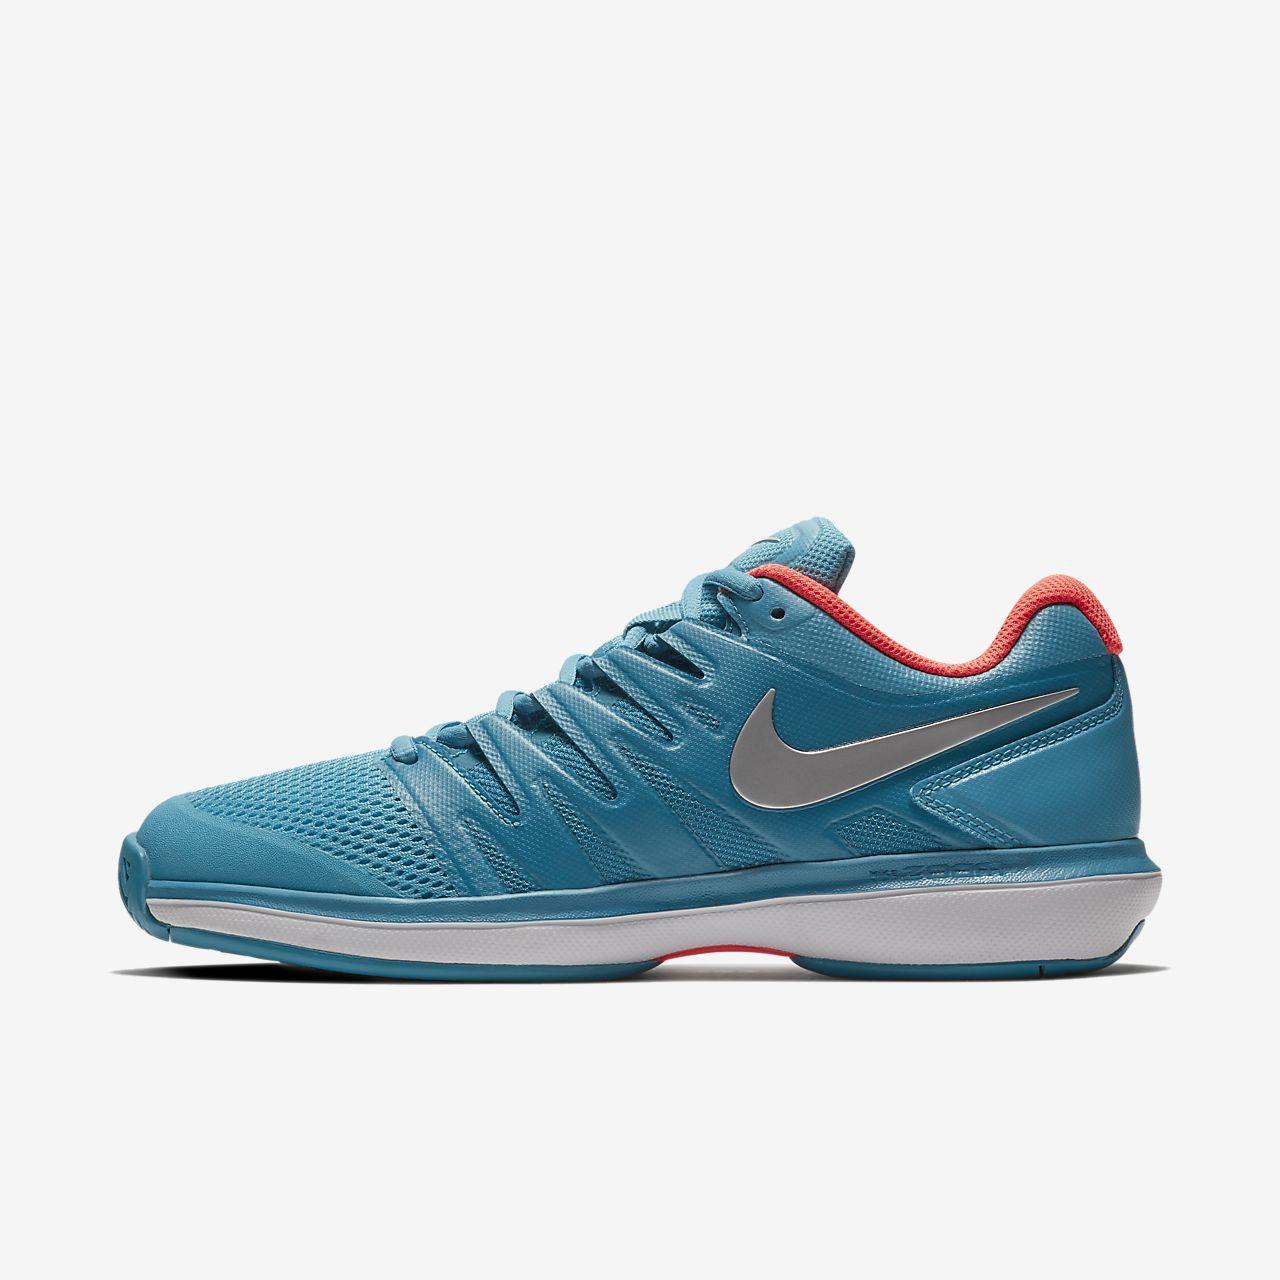 Nike Air Zoom Prestige HC Damen-Tennisschuh Hohe Qualität und Wirtschaftlichkeit